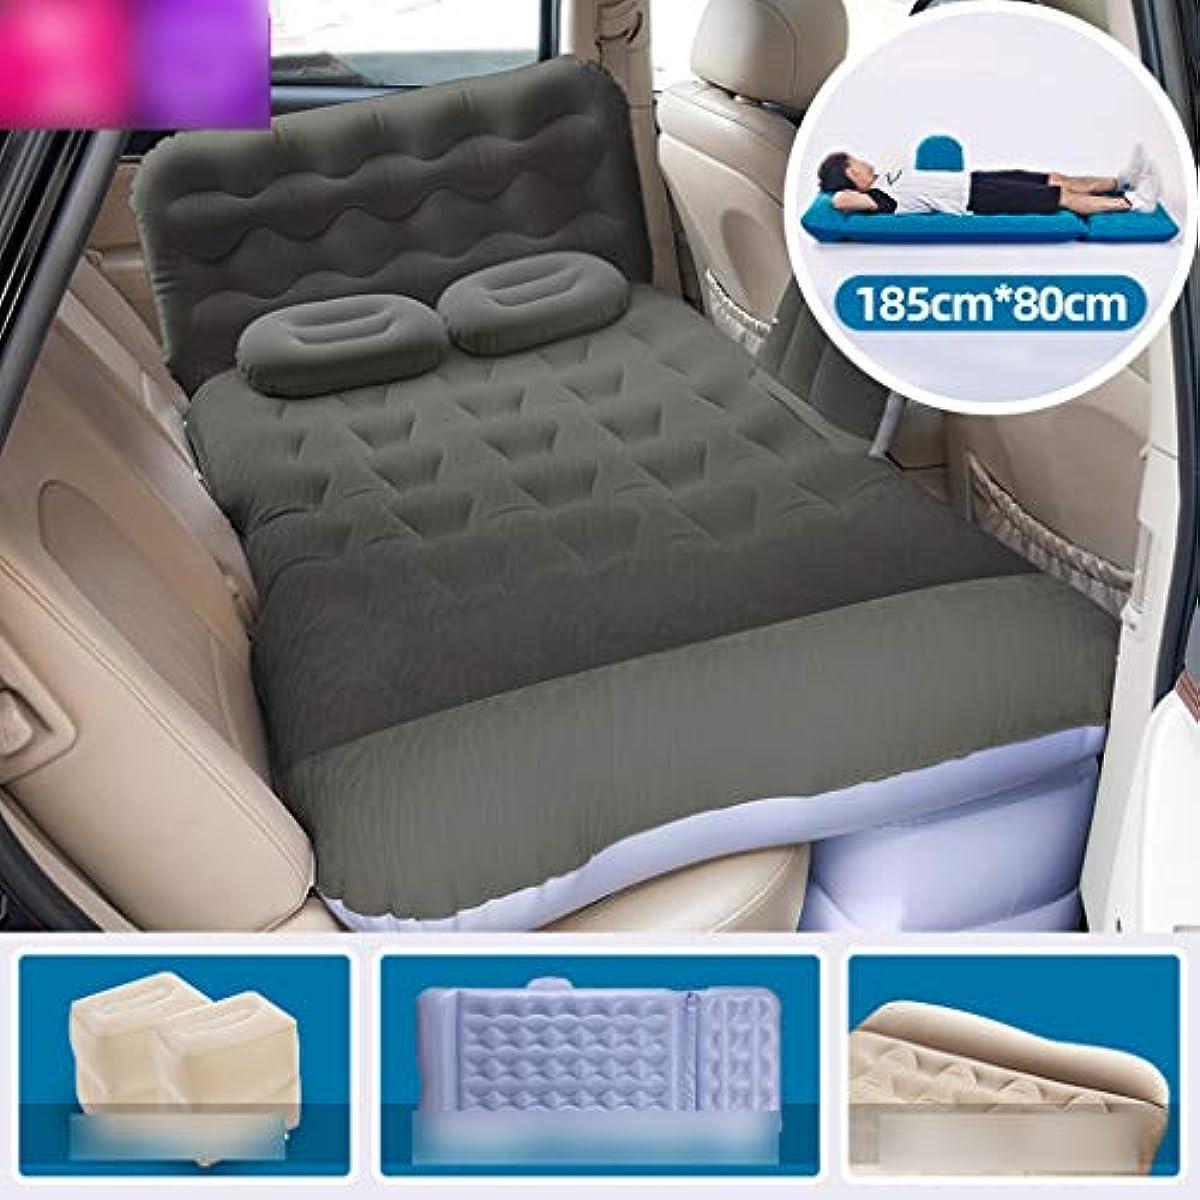 悪因子ゴミ箱を空にする反映するSYLOZ 車のインフレータブルベッド車のリア排気パッドベッドリアシート車の大人の睡眠パッド旅行マットレス (Color : A)